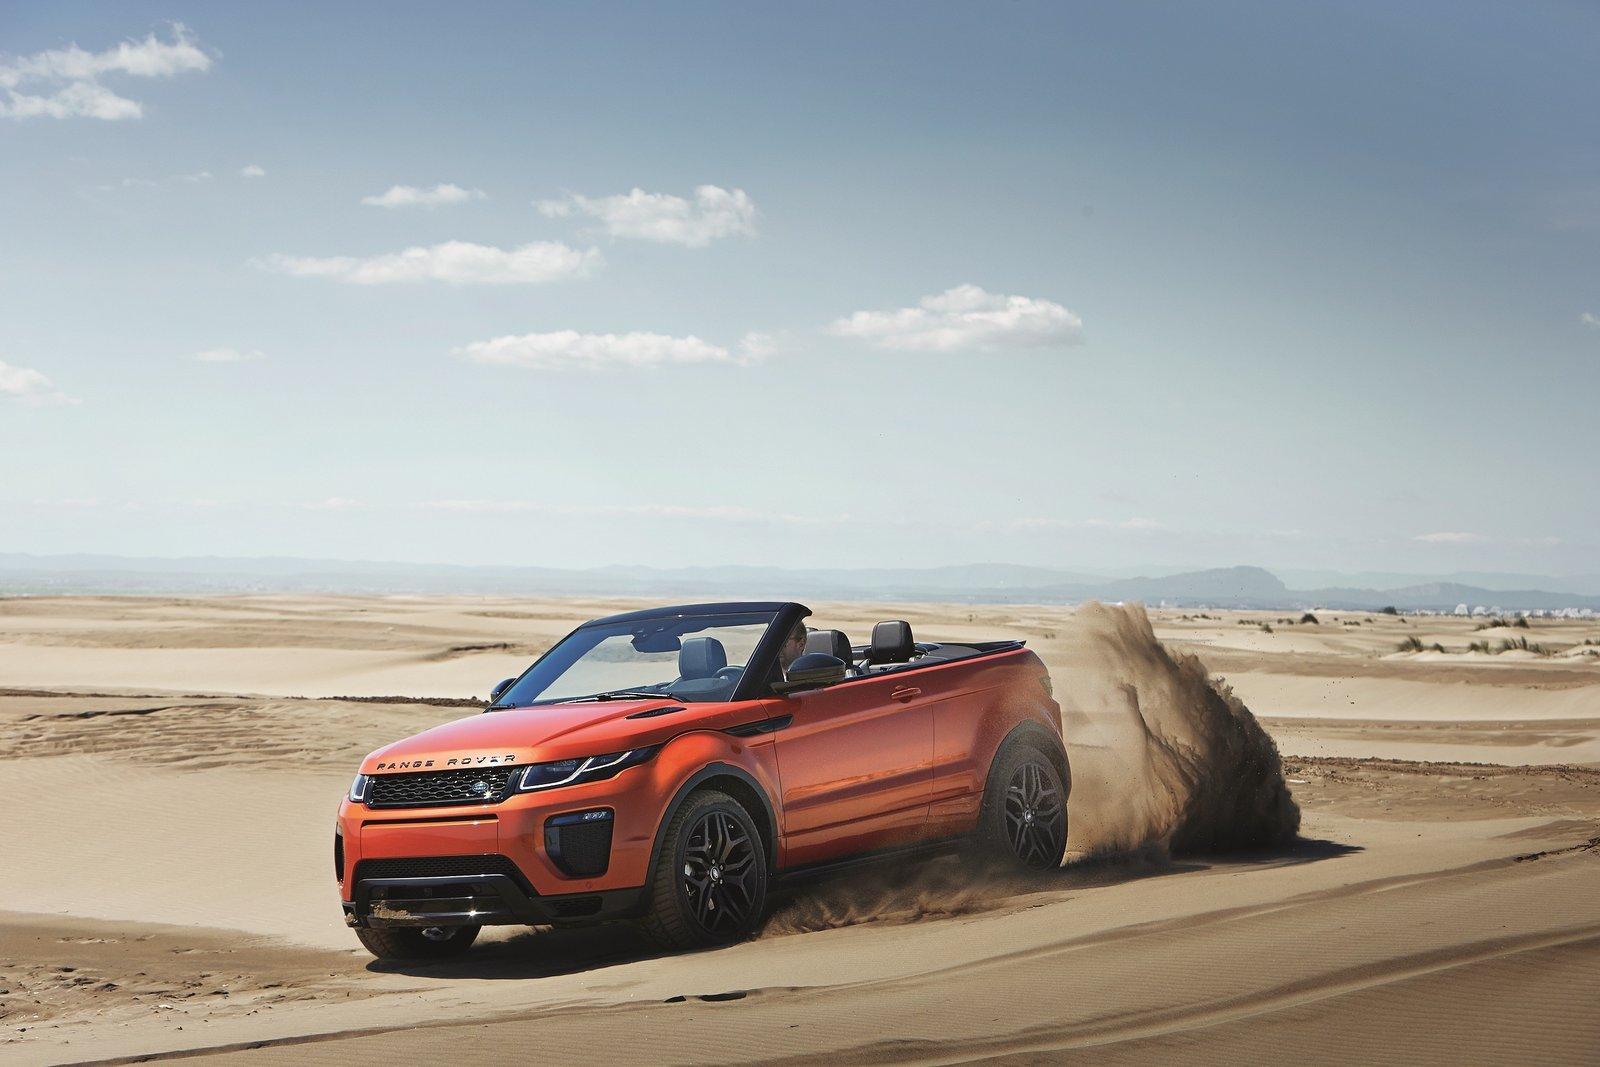 El Range Rover Evoque Convertible es, por fin, oficial